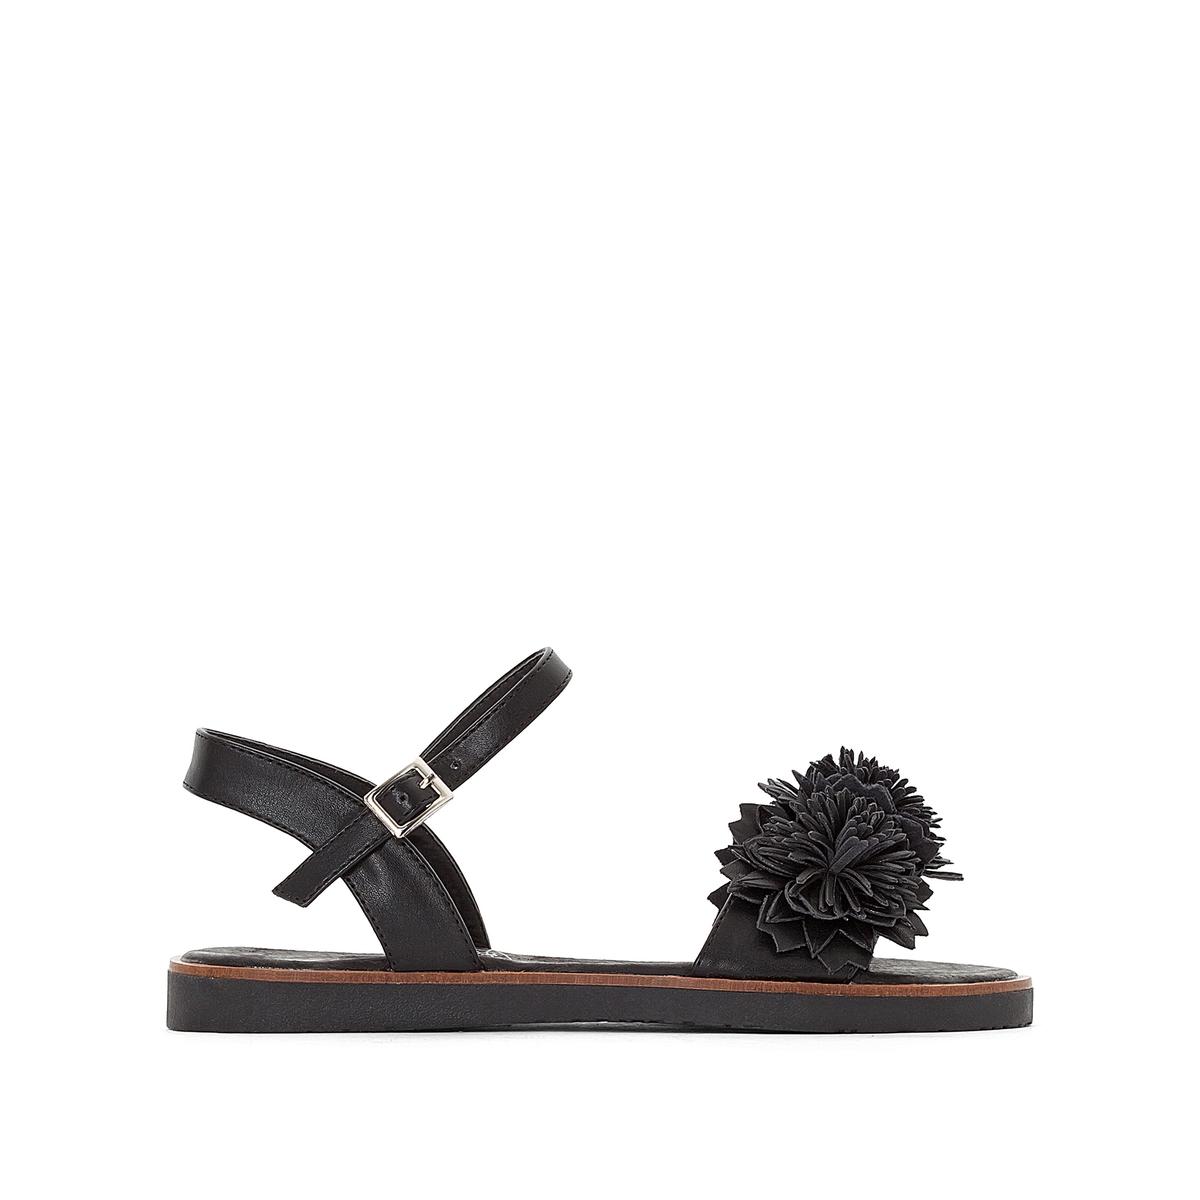 Сандалии синтетические, AcaciaДетали •  Плоский каблук •  Высота каблука : 1 см •  Застежка : ремешок/пряжка •  Открытый мысок •  Гладкая отделкаСостав и уход •  Верх 100% синтетический материал •  Стелька 100% кожа •  Подошва 100% каучук<br><br>Цвет: черный